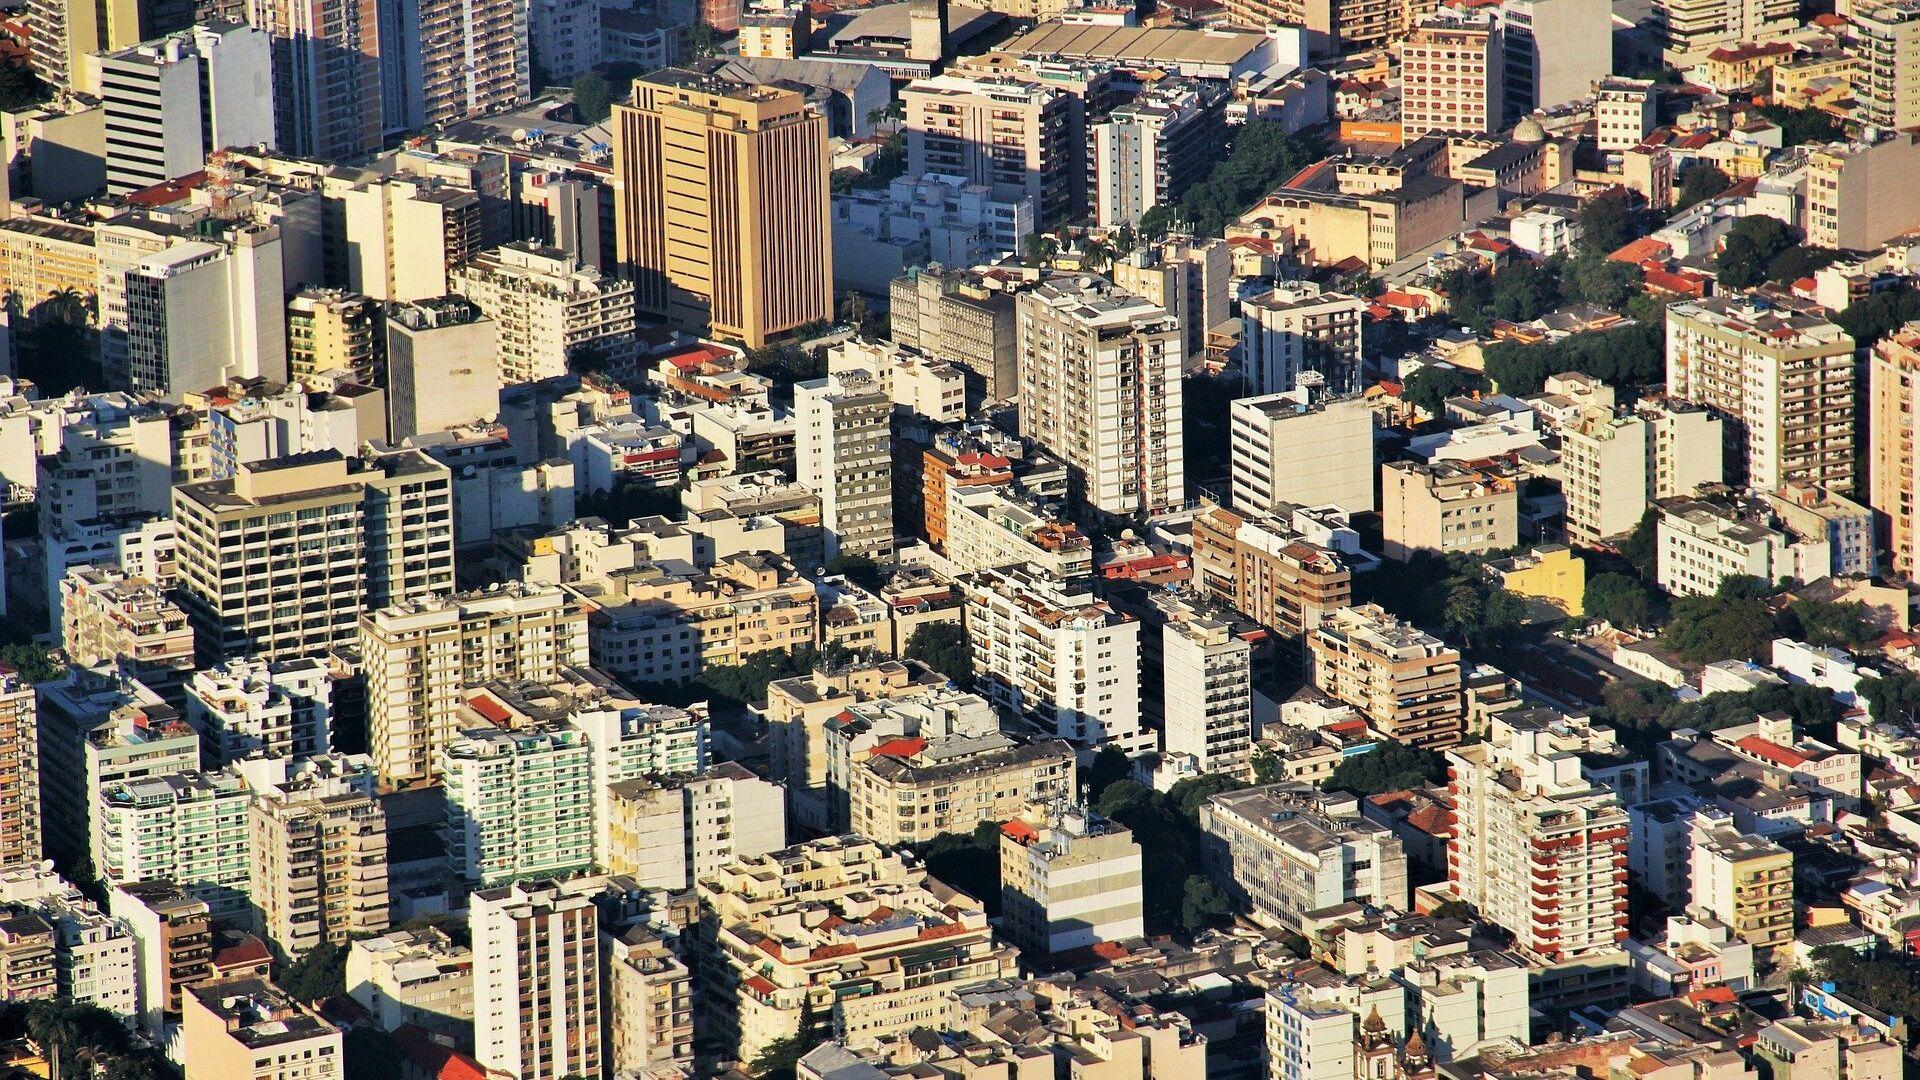 Río de Janeiro, la segunda ciudad más poblada de Brasil - Sputnik Mundo, 1920, 18.03.2021